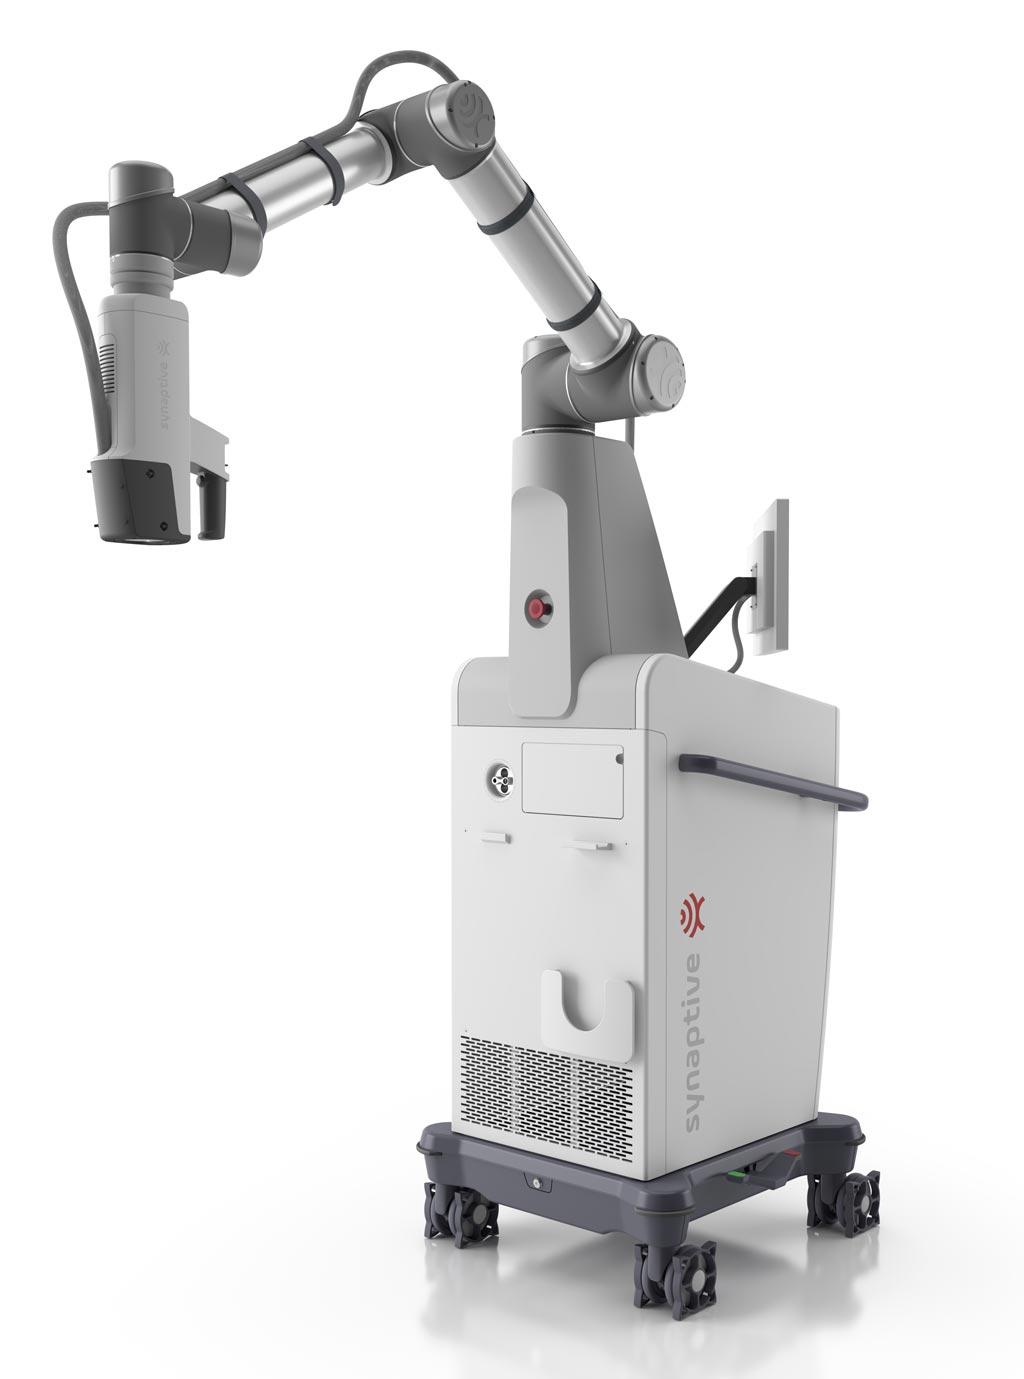 Modus V обеспечивает альтернативу традиционному операционному микроскопу с окуляром или глазком, который обычно используется нейрохирургами для просмотра увеличенных изображений мозга (фото любезно предоставлено Synaptive Medical).